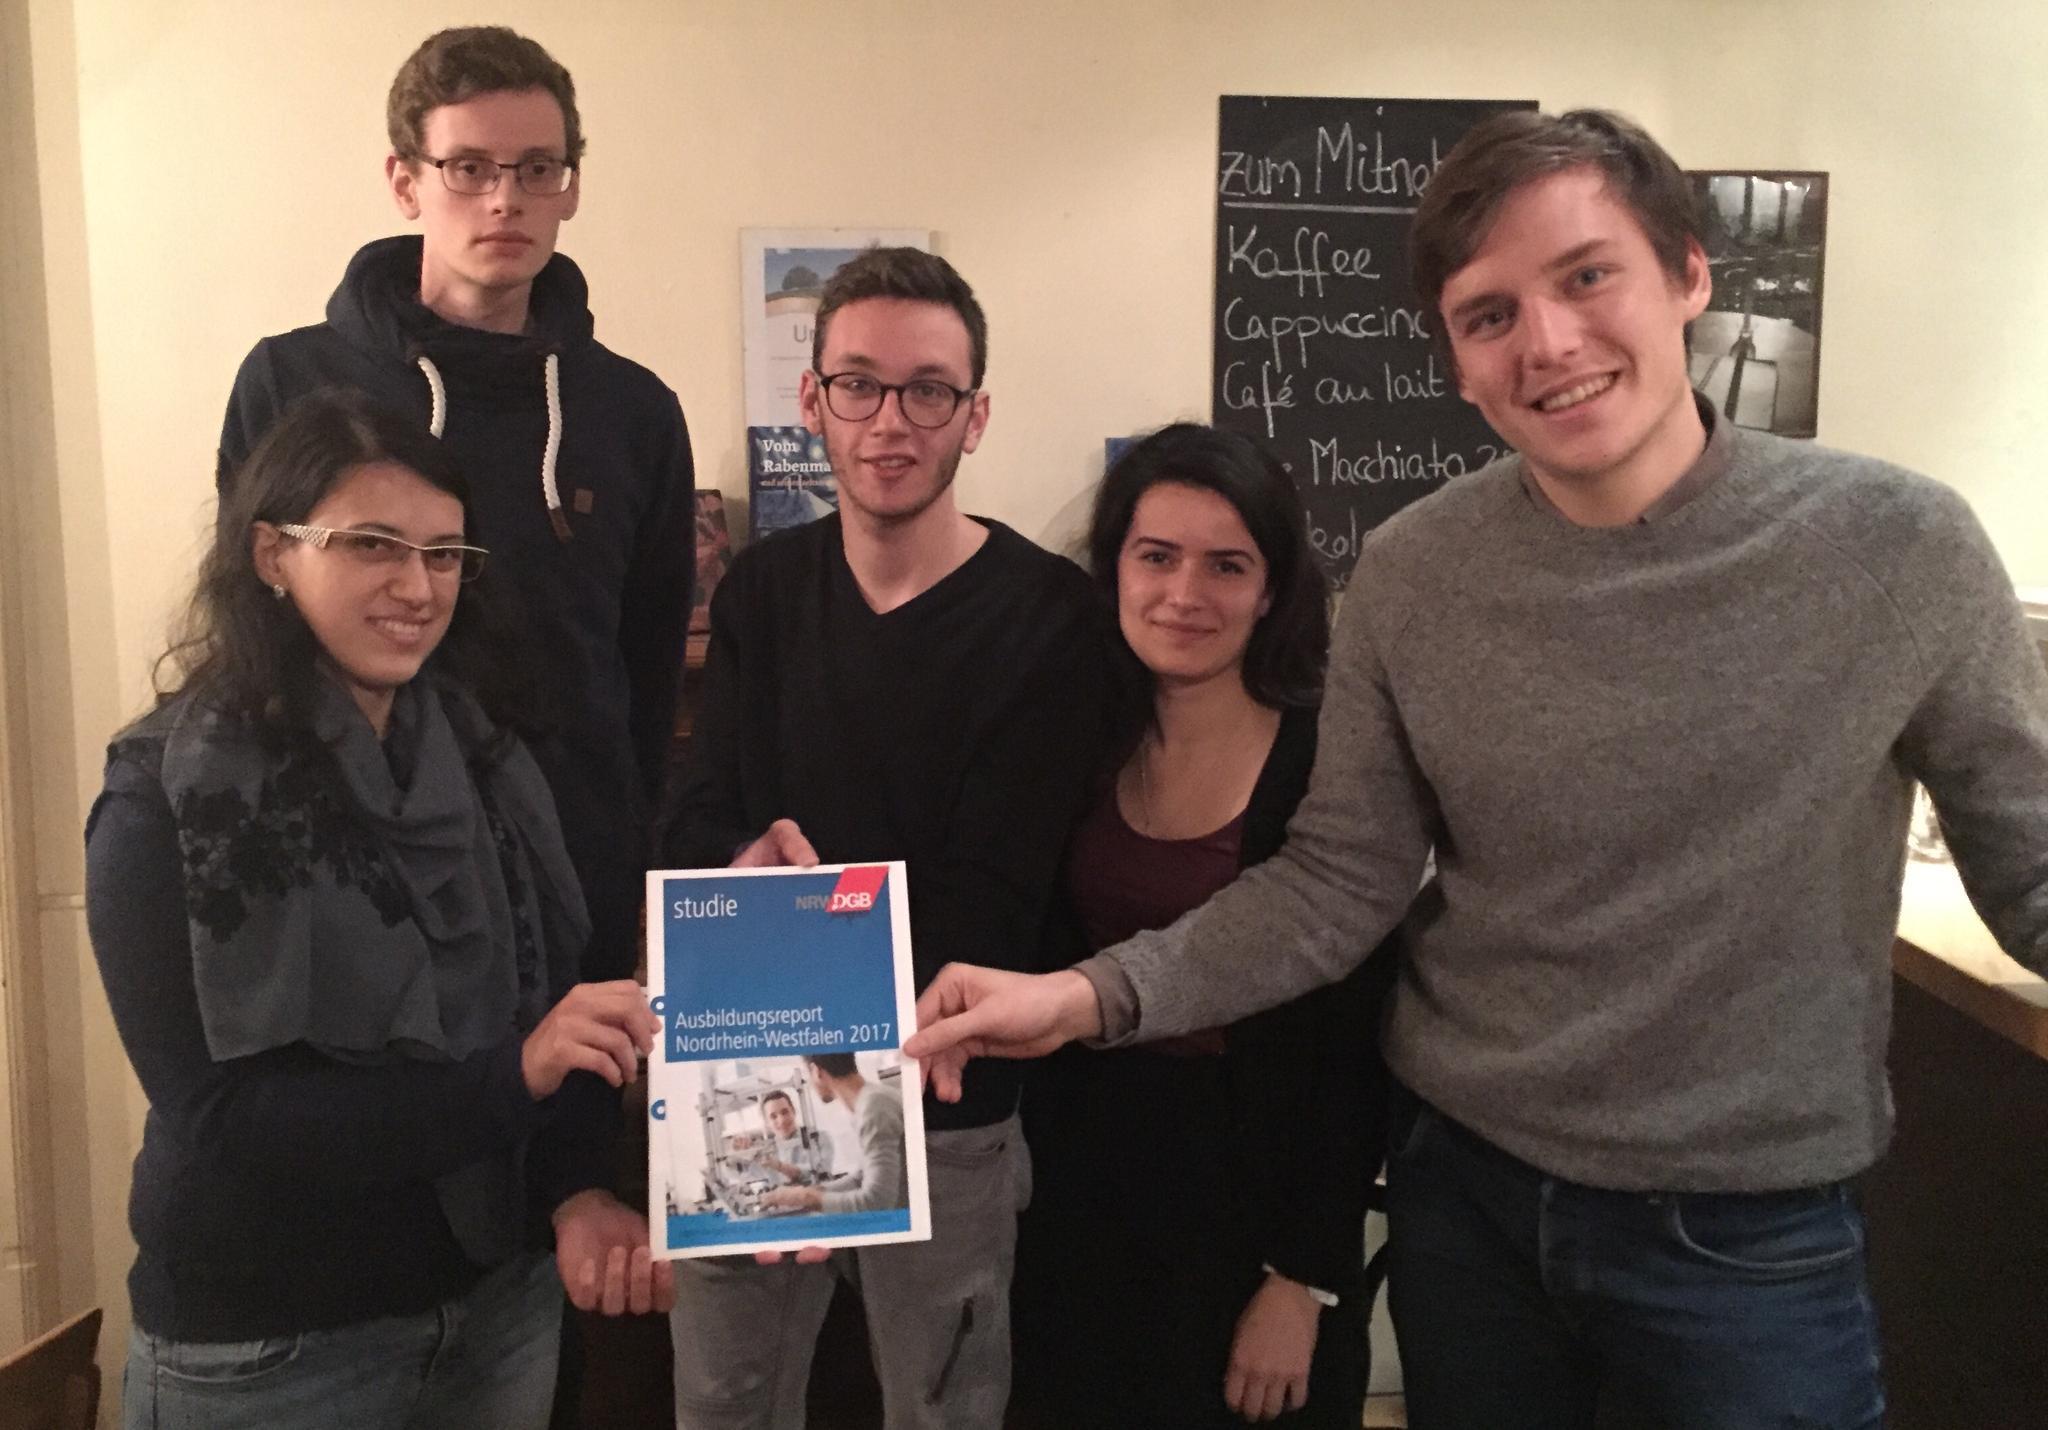 DGB-Jugend Münsterland zum Ausbildungsreport